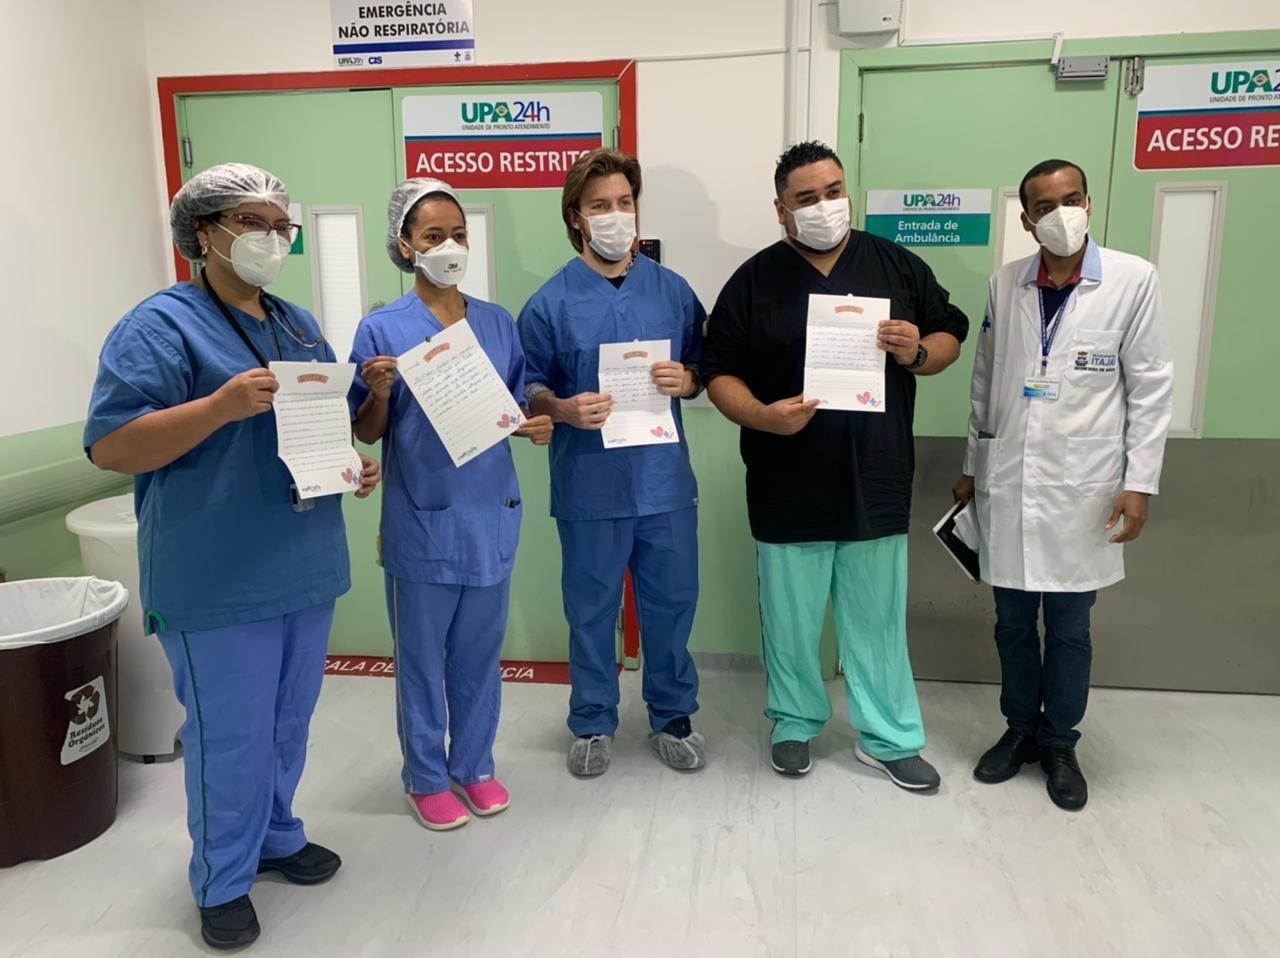 Profissionais receberam as cartas nesta quarta-feira (7) - Secom Itajaí/Divulgação